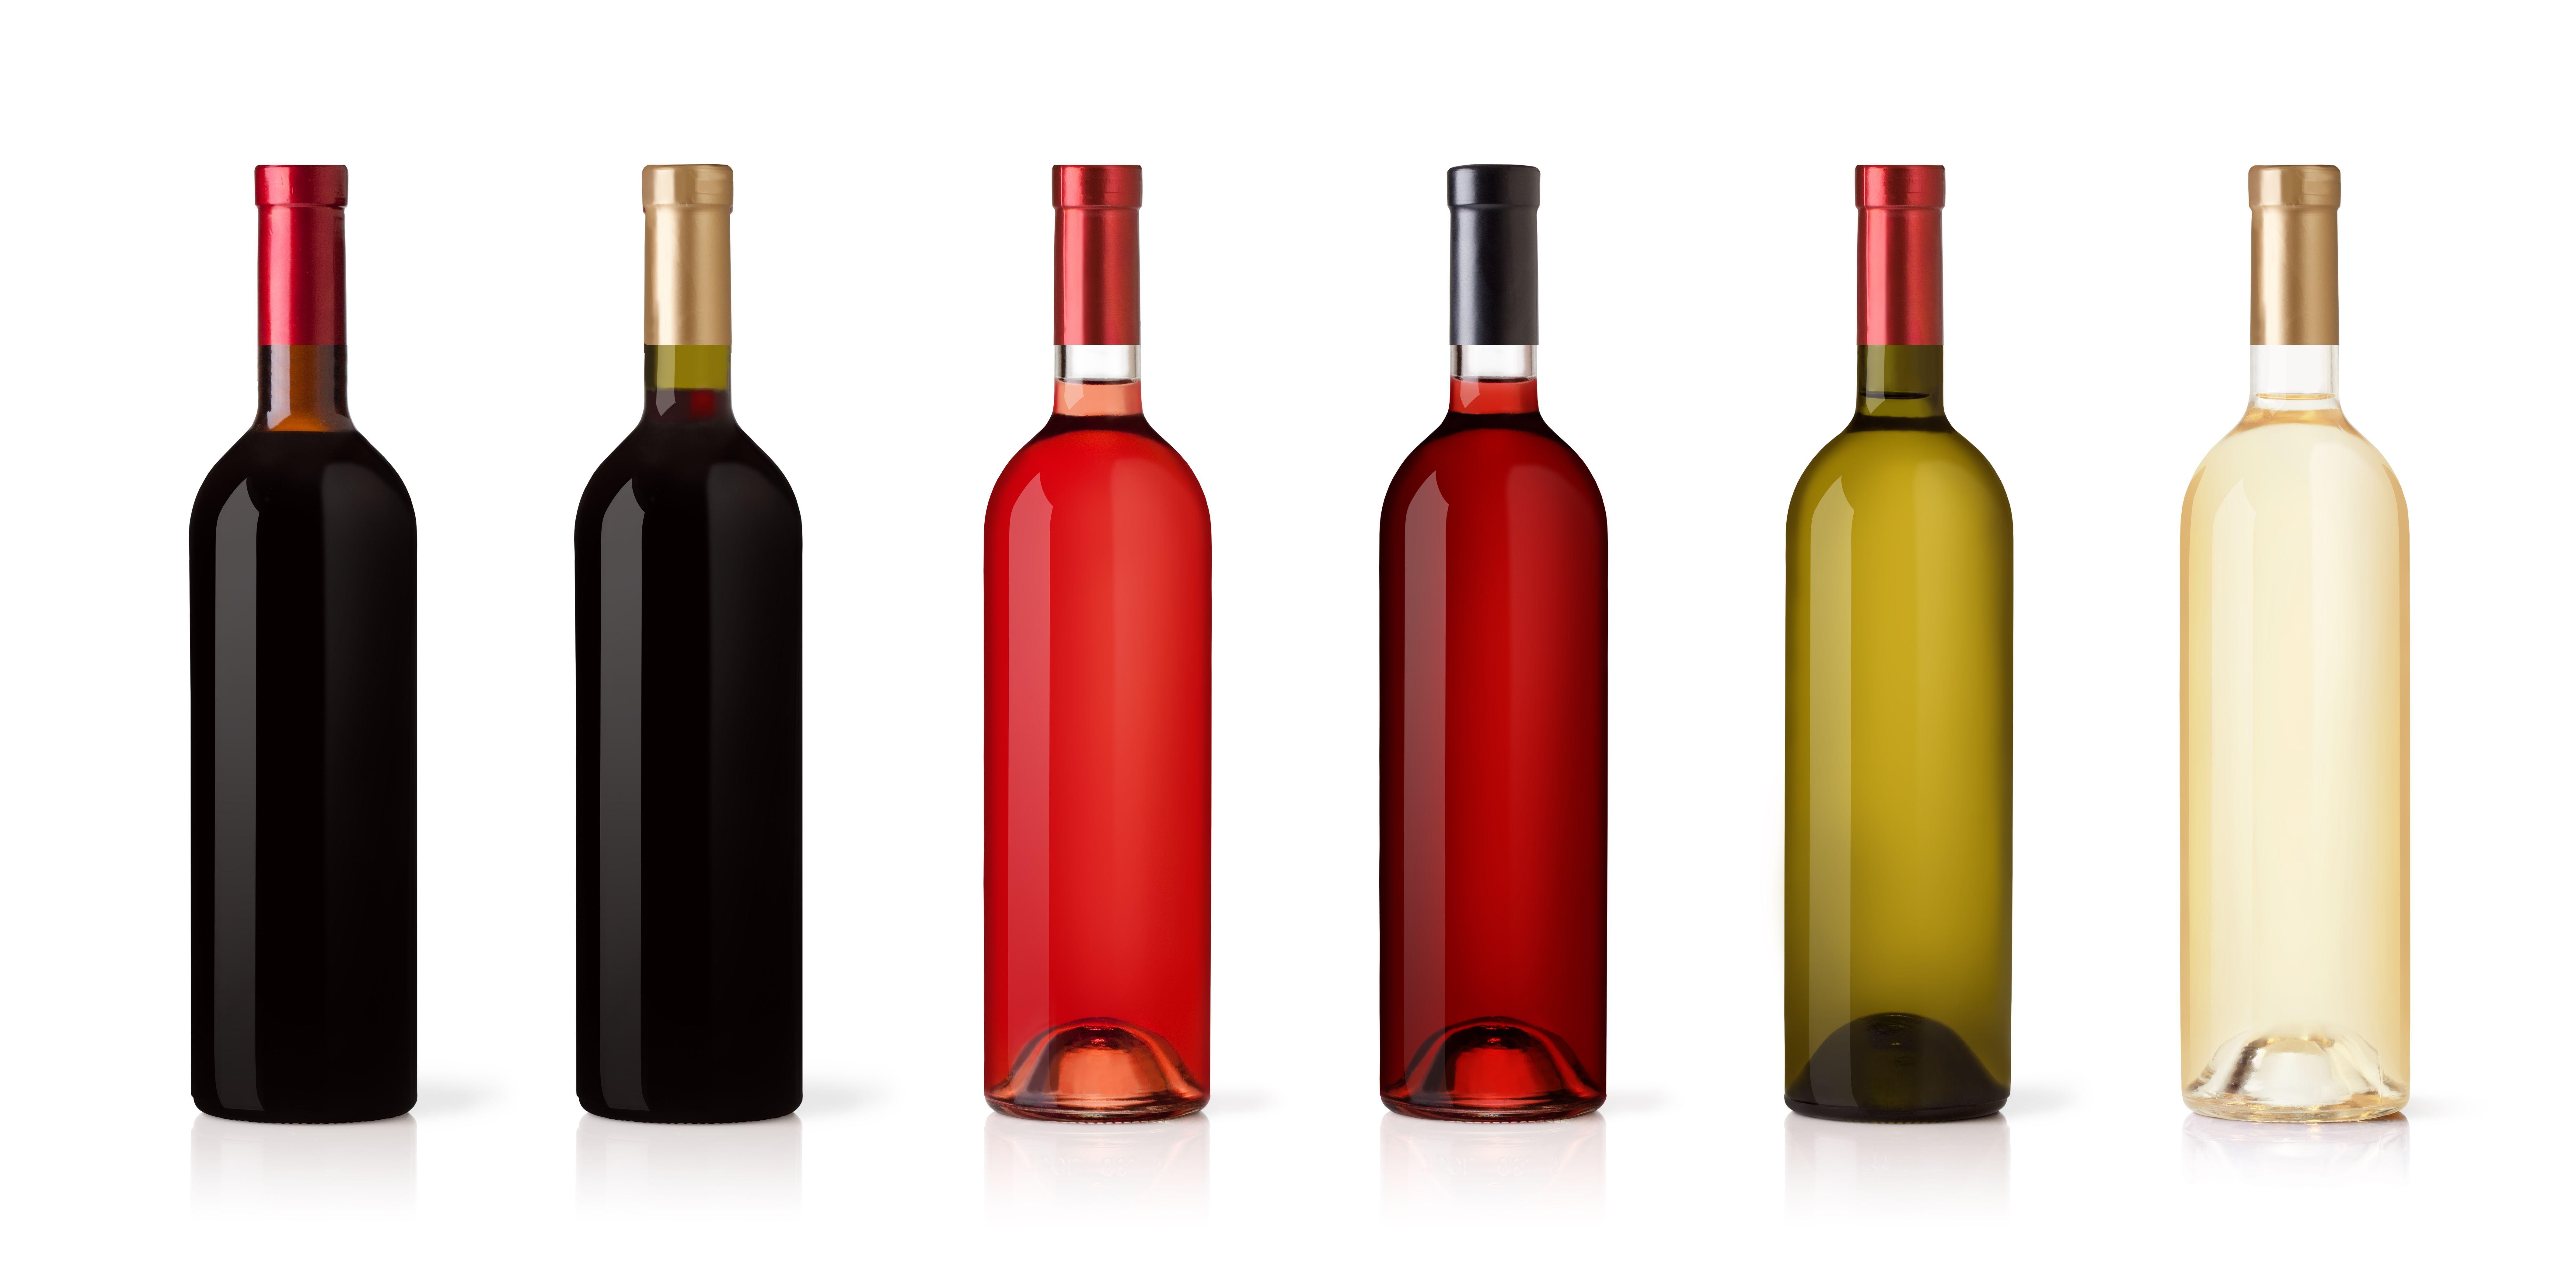 1f3c58991a9f2c829ecda3677909b6c7 Jpg Jpeg Kep 8466 4200 Keppont Wine Bottle Bottle Wine